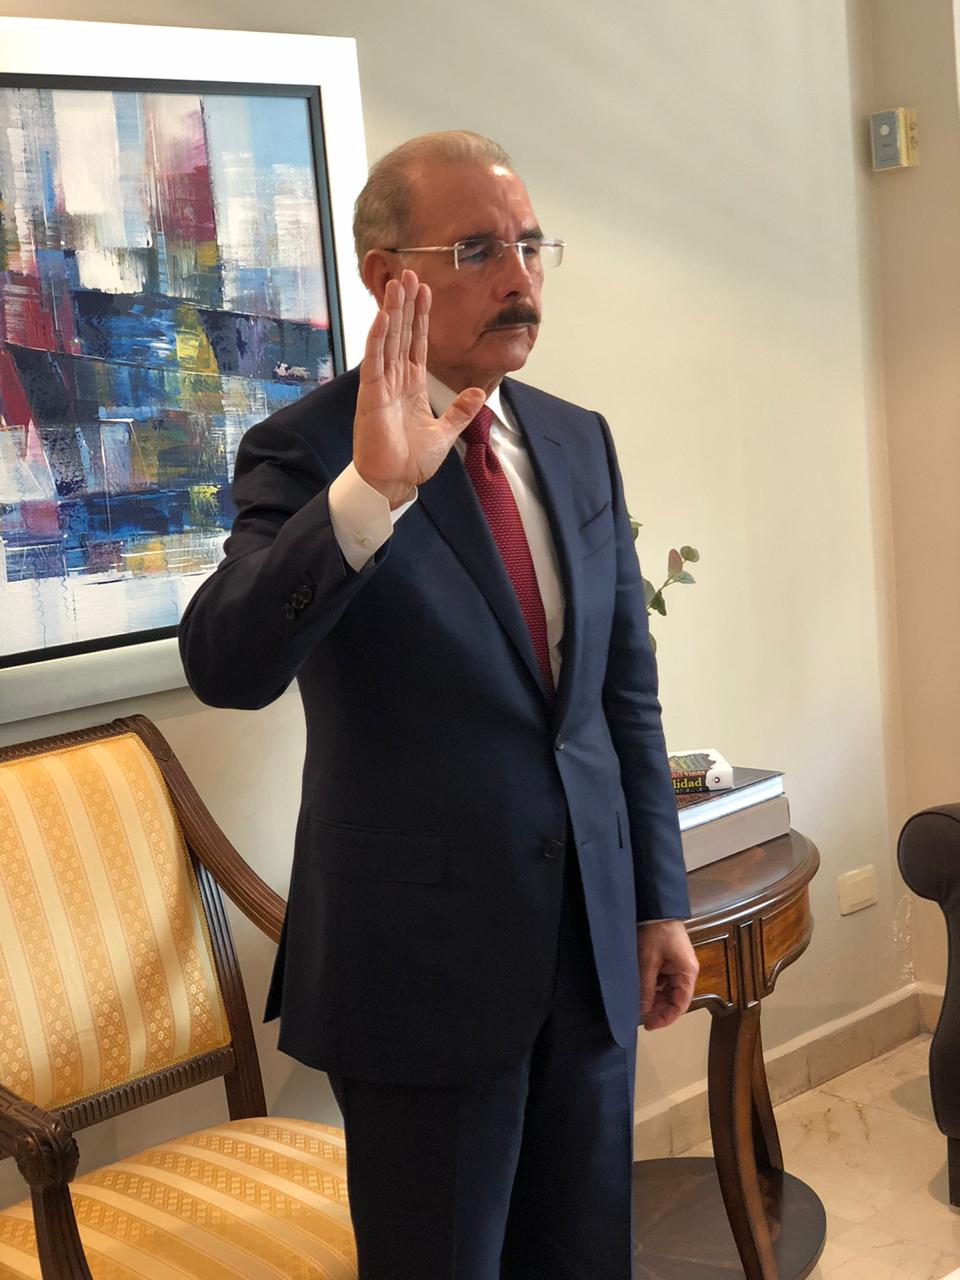 Expresidente Danilo Medina se juramentó este martes como diputado del PARLACEN